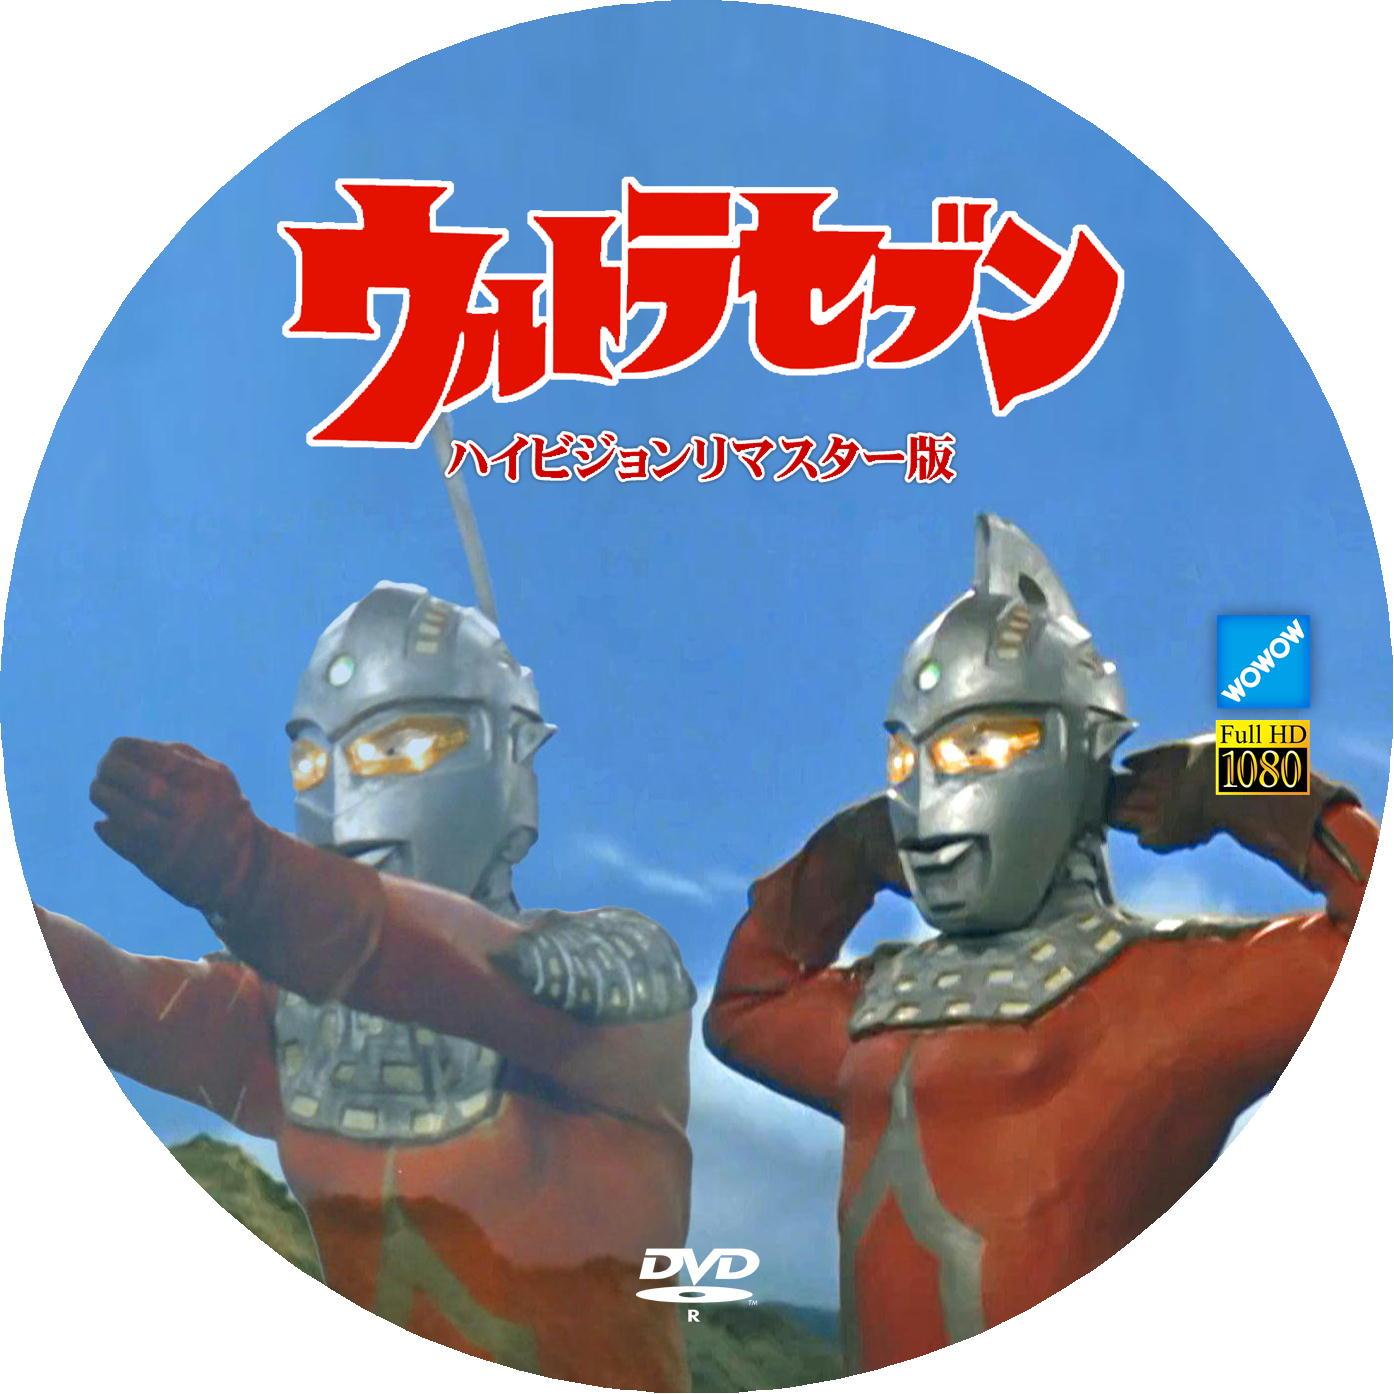 アイスラッガー追加バージョン DVDラベル